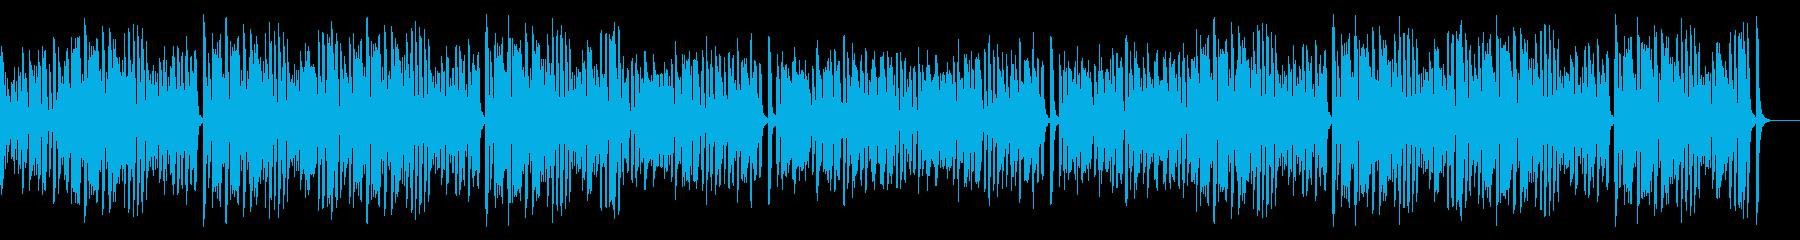 レトロピアノでお洒落なオールドジャズ名曲の再生済みの波形